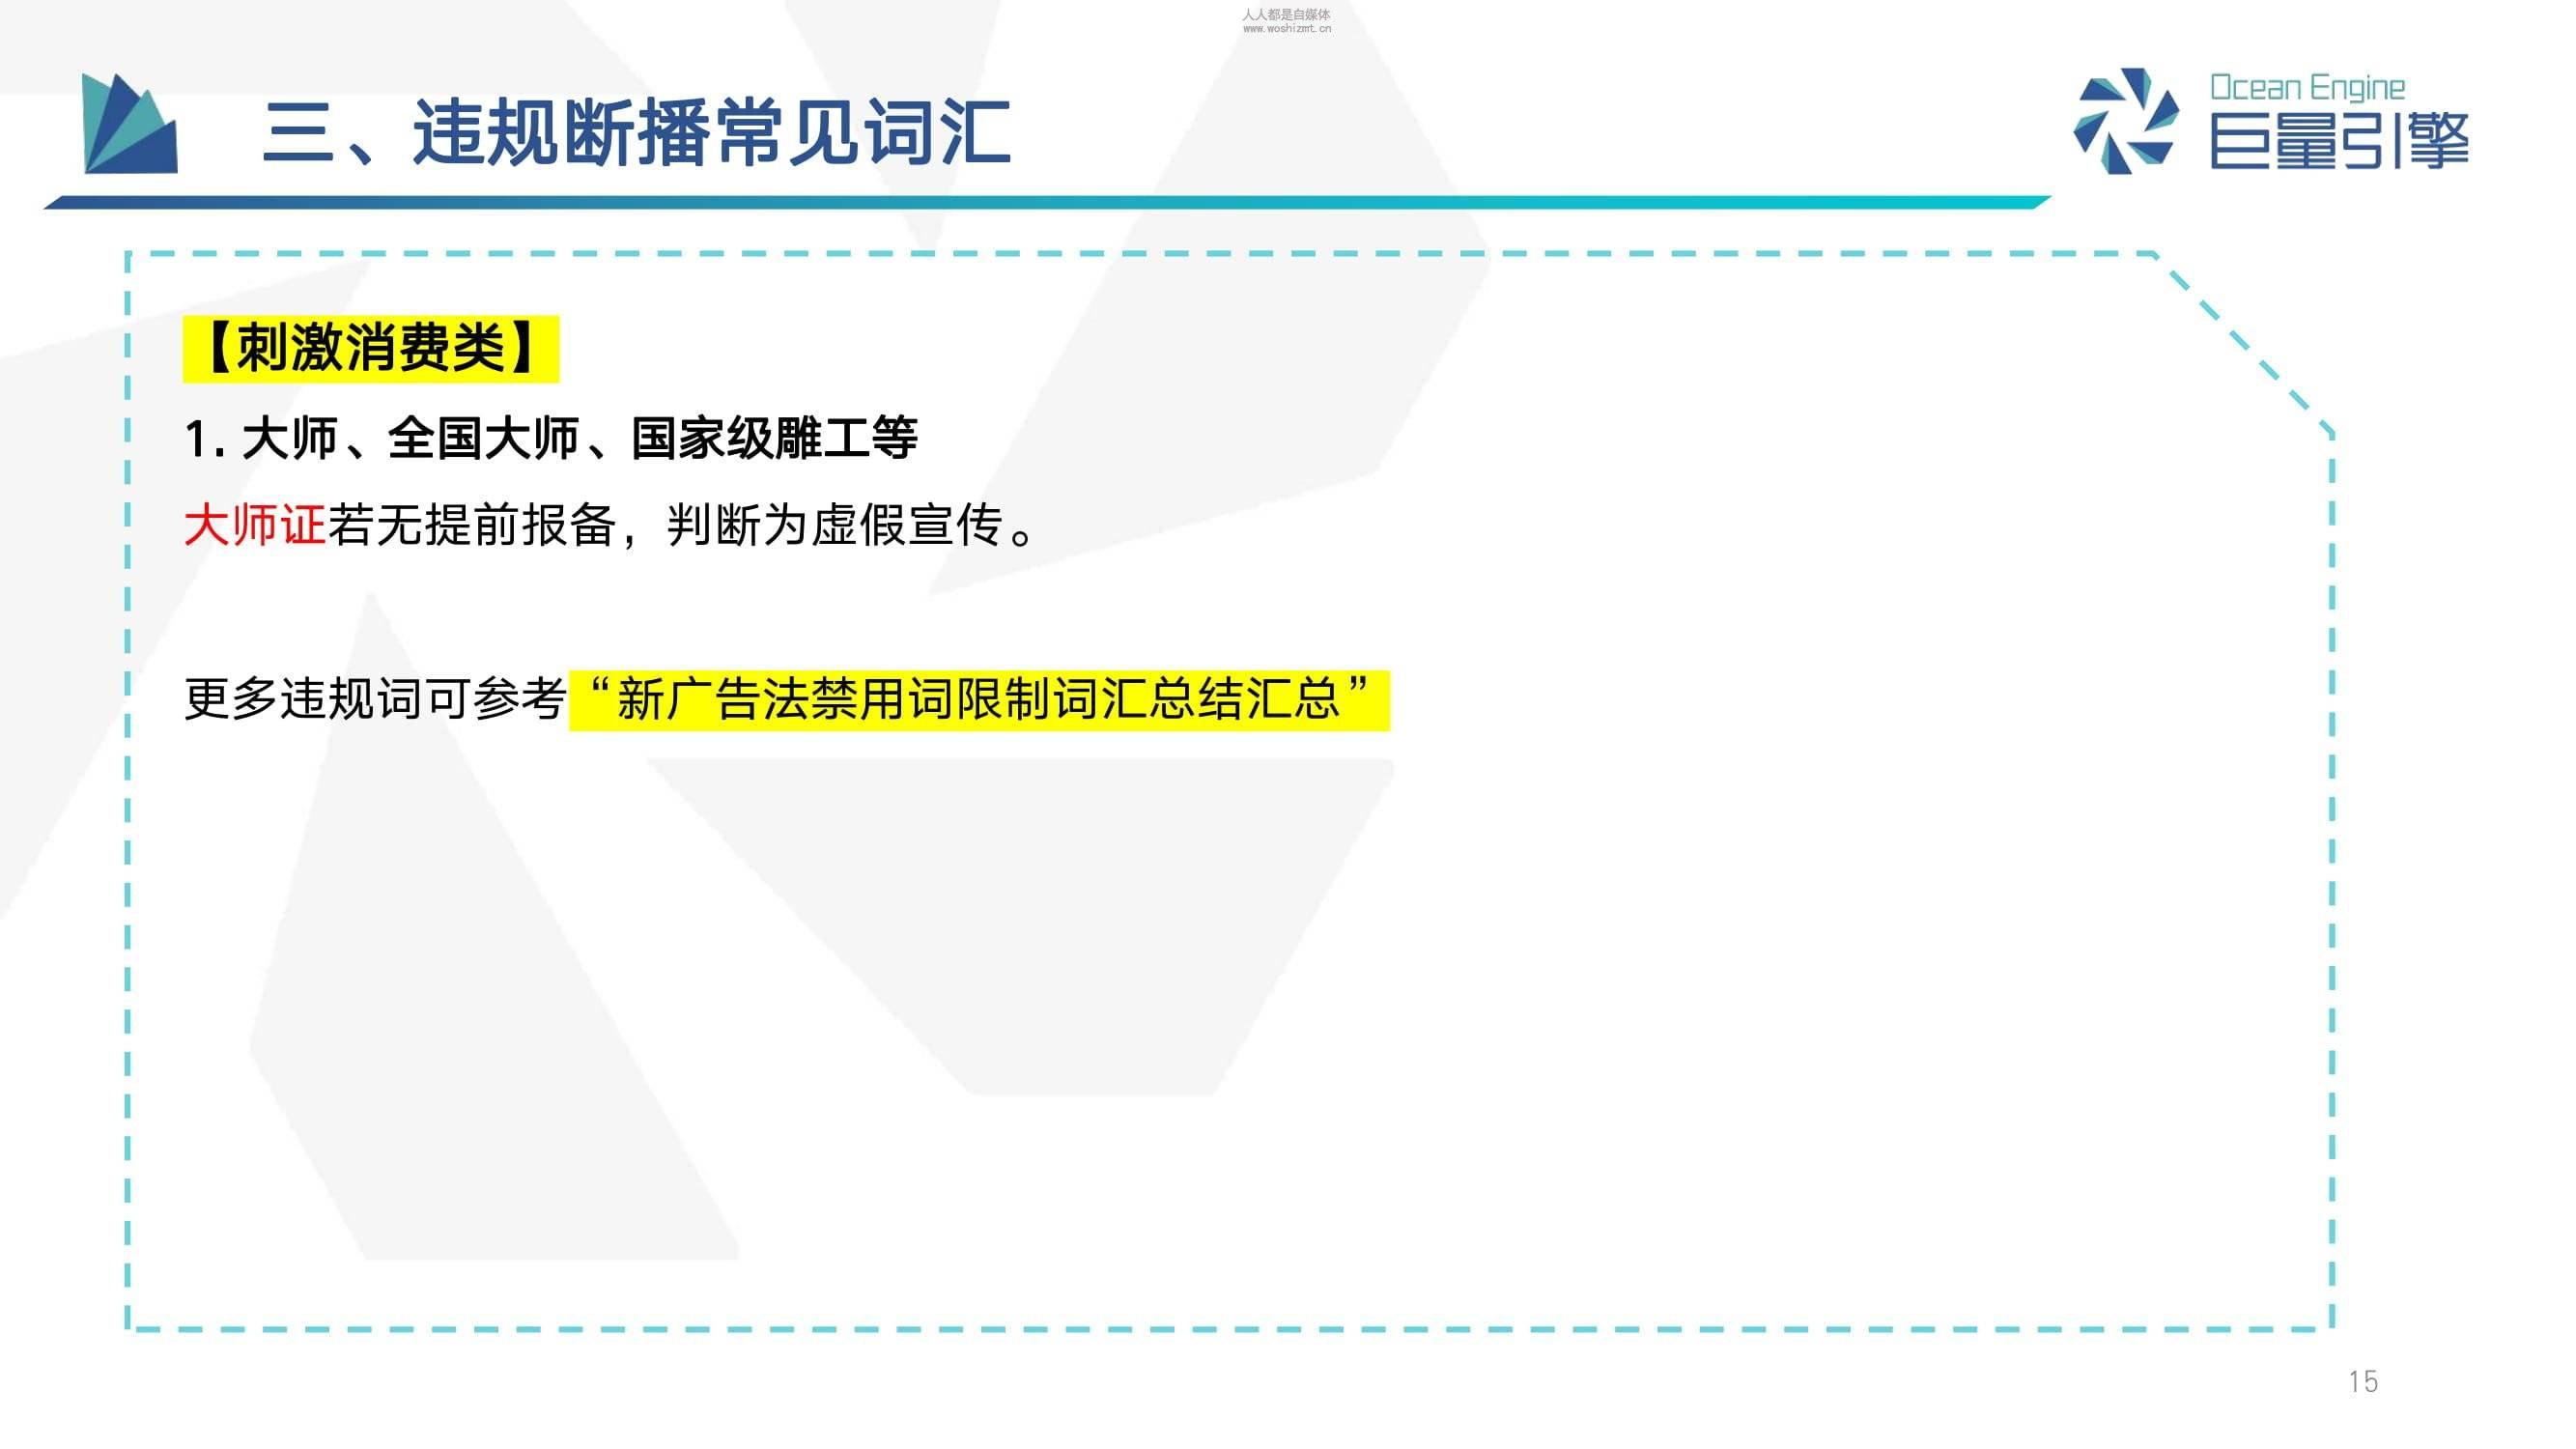 玉石商家抖音运营手册:禁售产品、断播禁用词汇 短视频 第9张